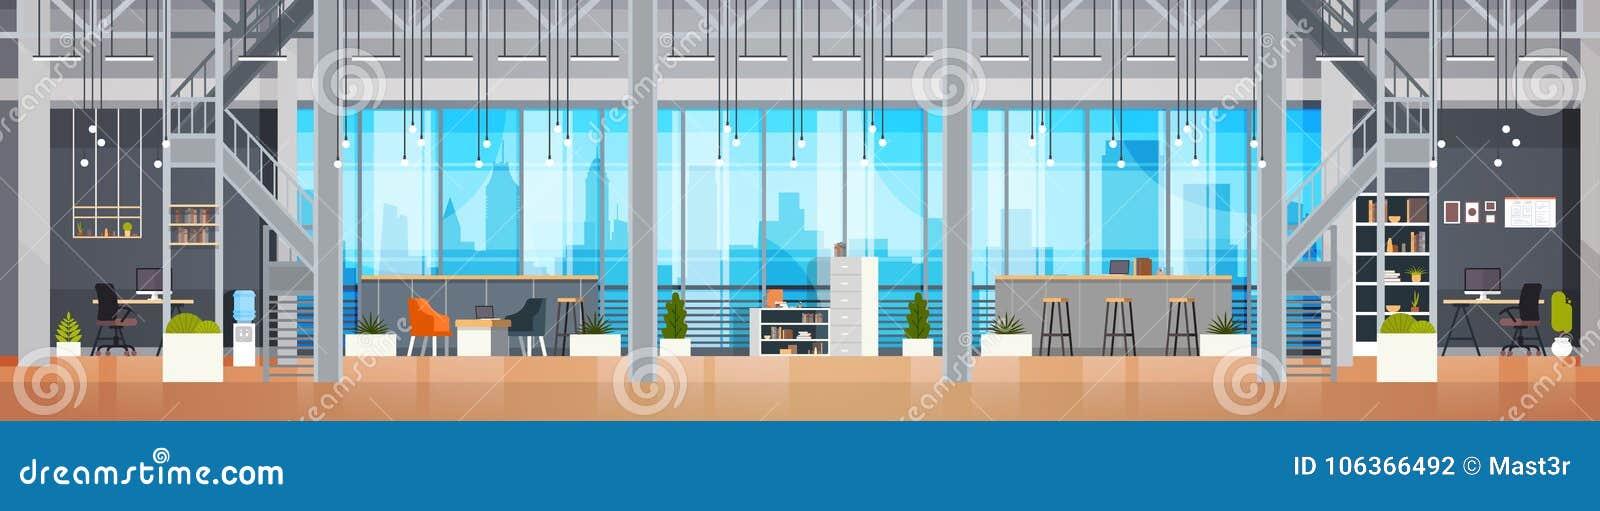 Знамя пустой окружающей среды рабочего места Coworking офиса Coworking внутренней современной разбивочной творческой горизонтальн